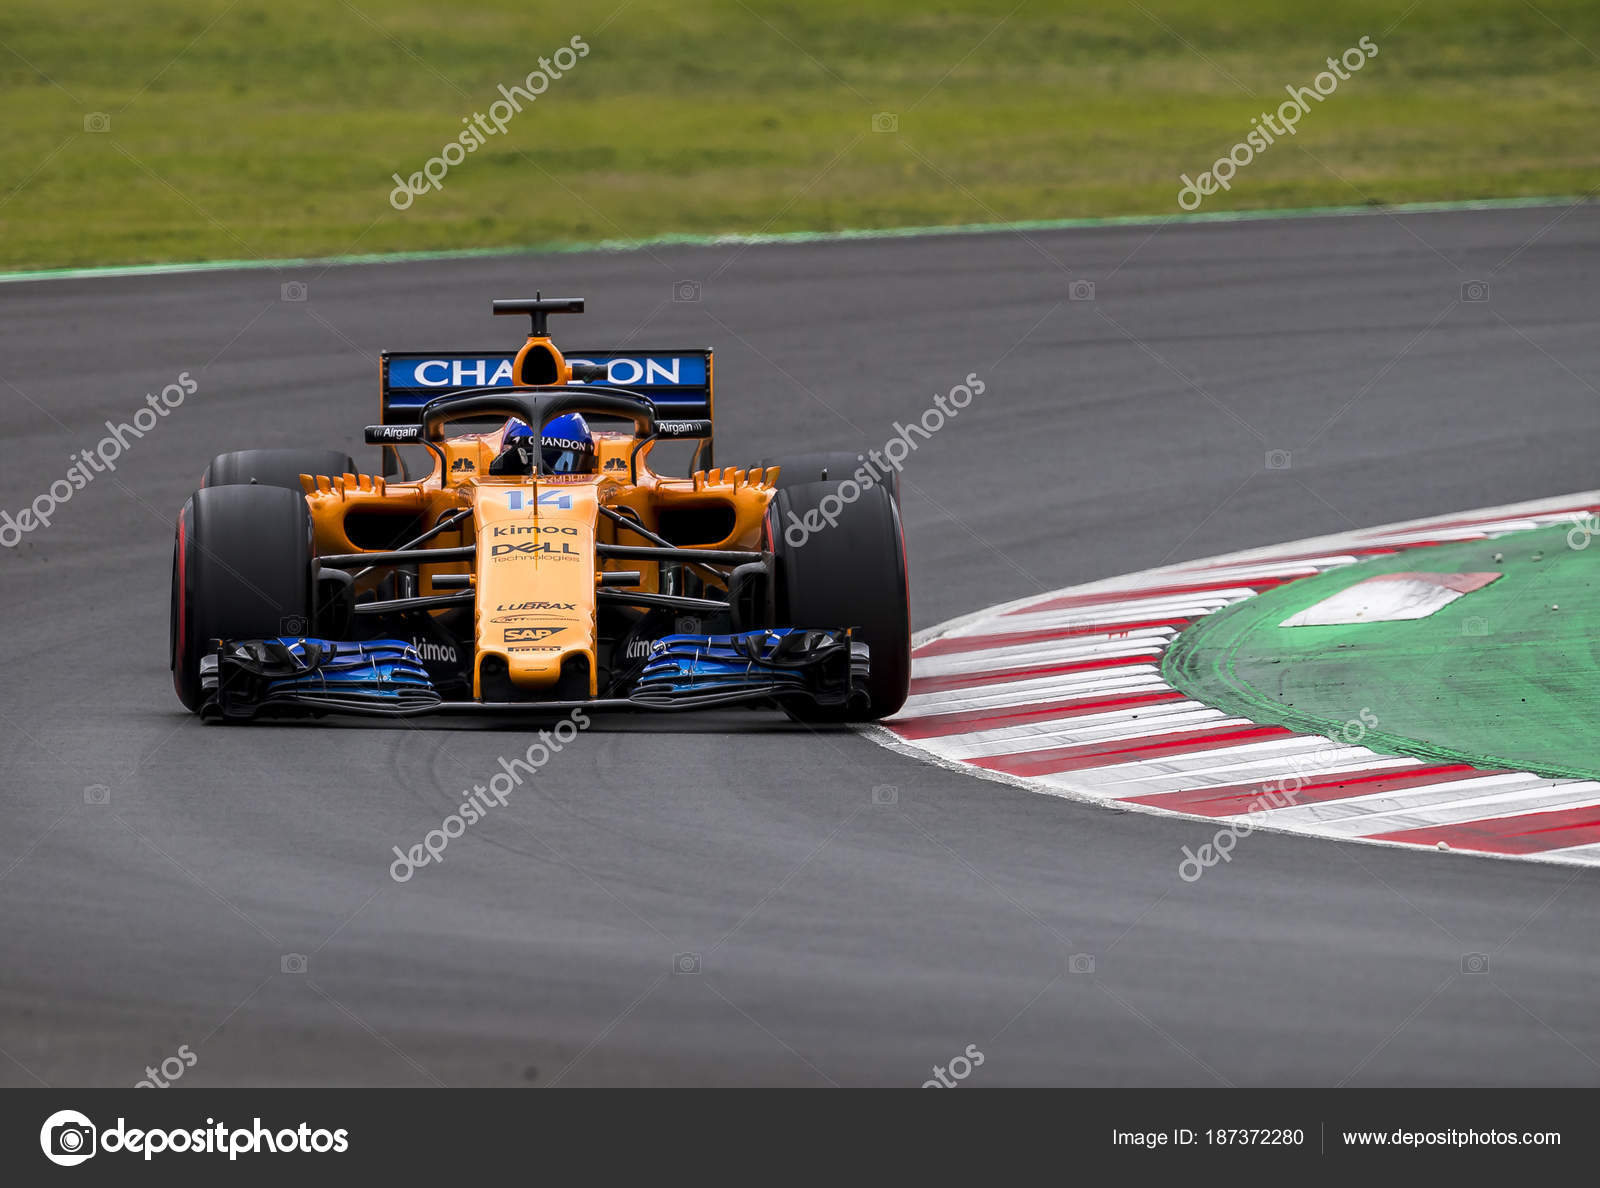 Circuito Fernando Alonso : Barcelona españa marzo 2018 fernando alonso durante días una fórmula